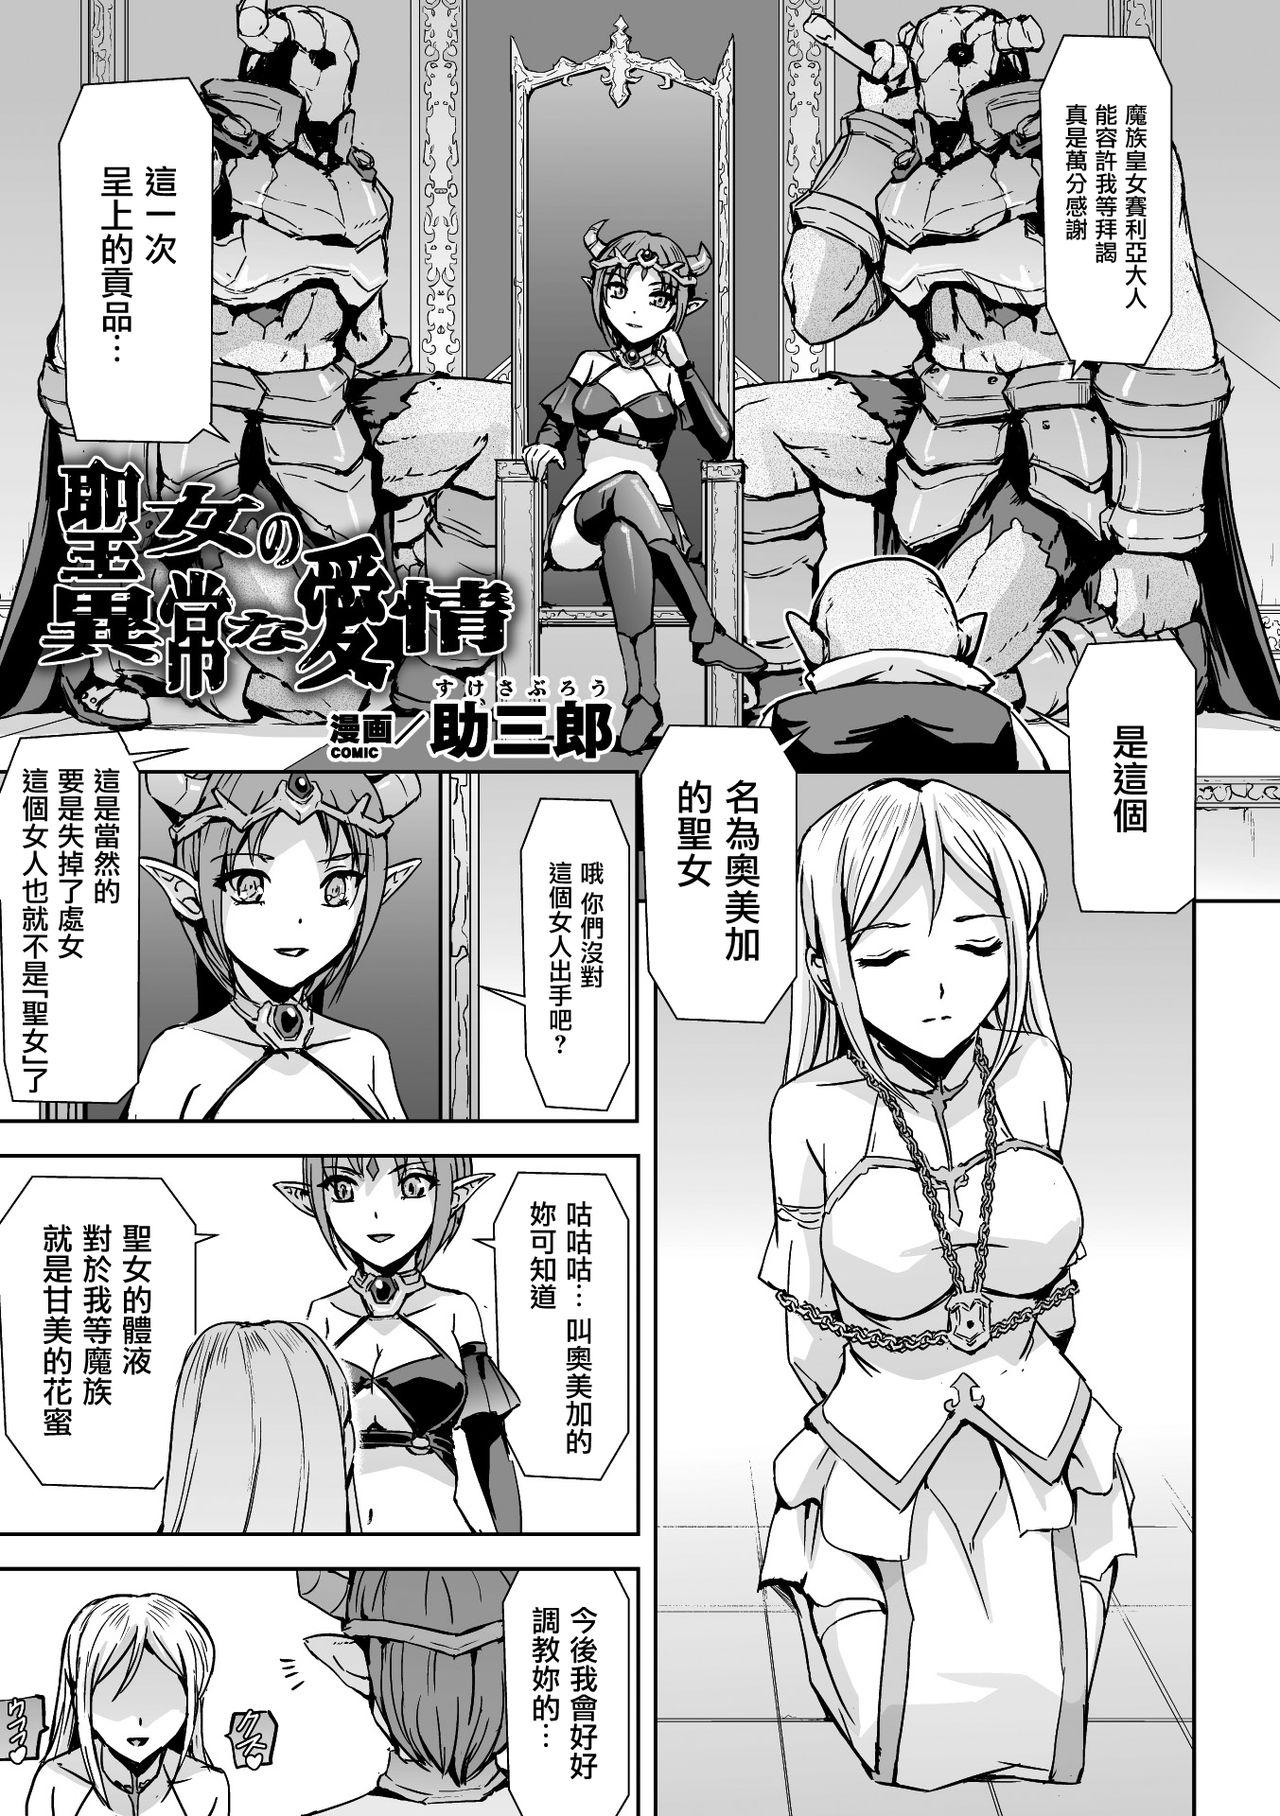 [助三郎] 聖女の異常な愛情 - 情色卡漫 -